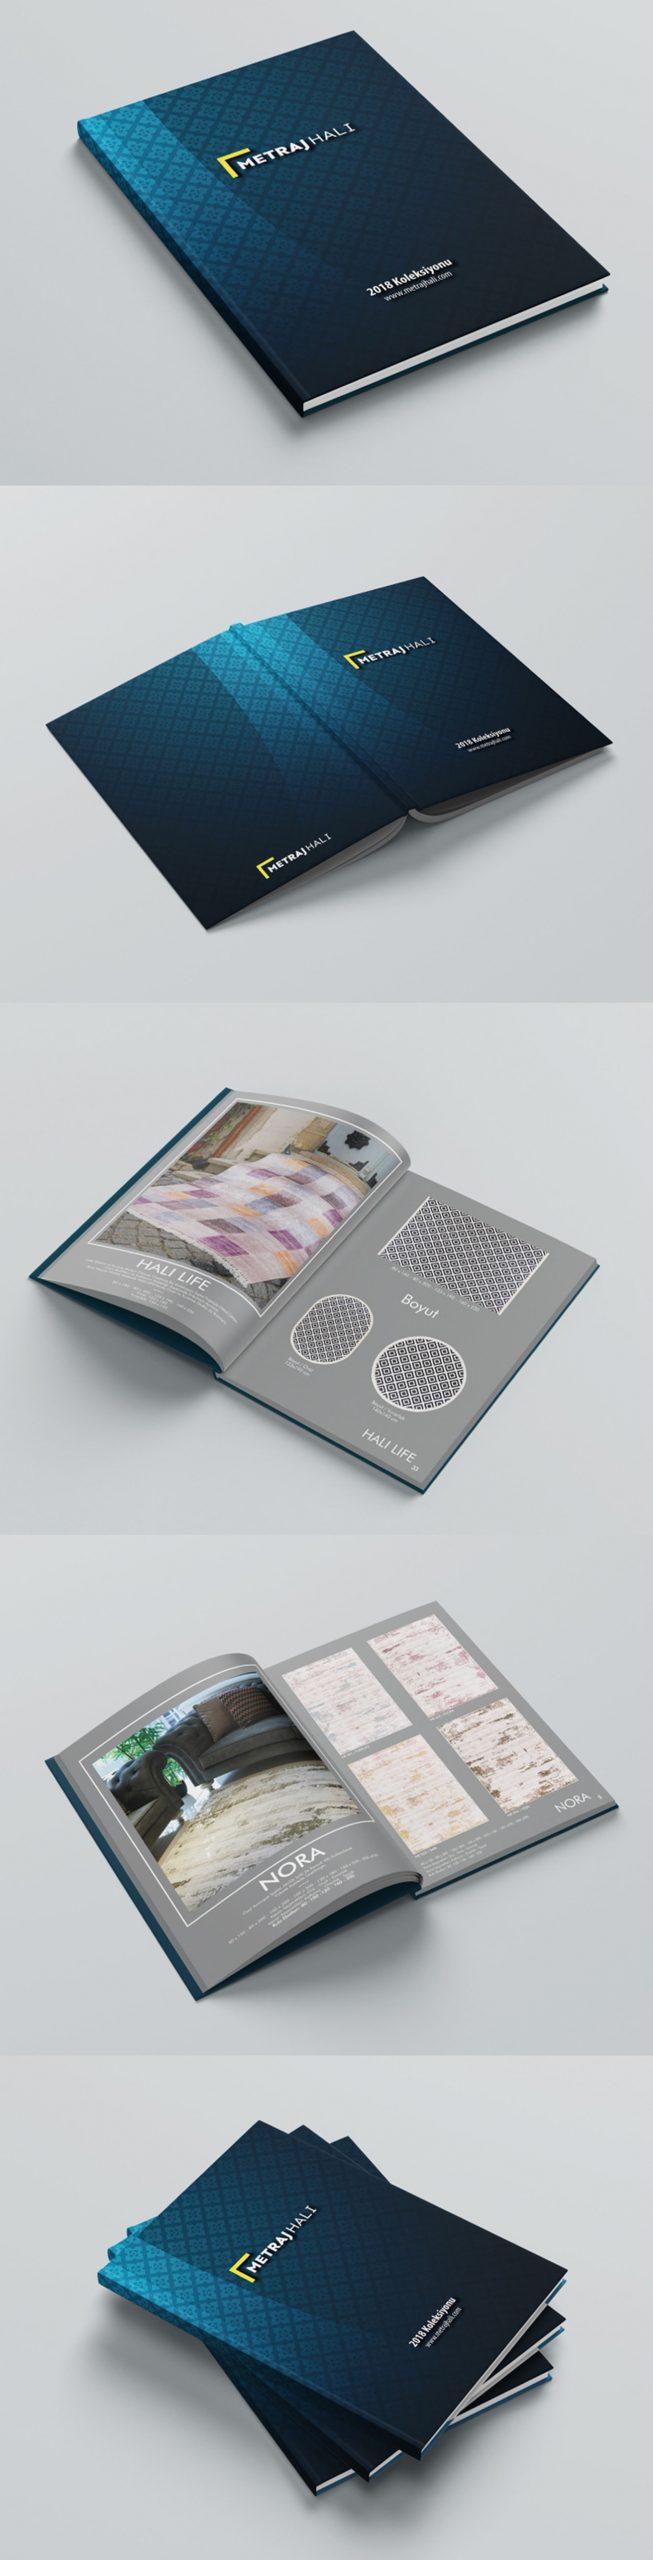 metraj-hali-katalog-tasarim